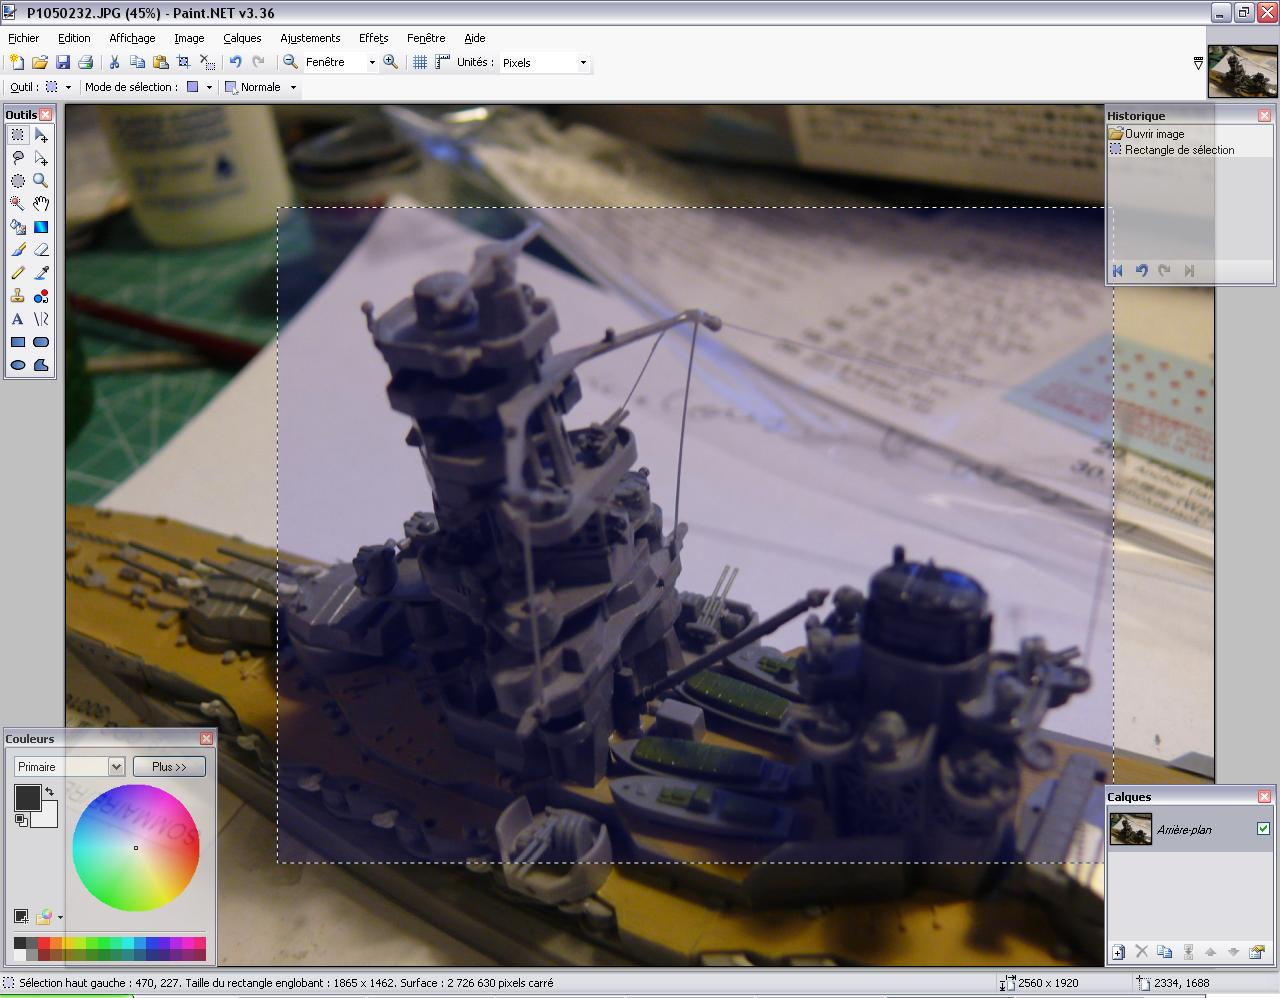 paint*[/url - TUTO : Comment réduire une photo pour le forum avec paint.net Paintn12